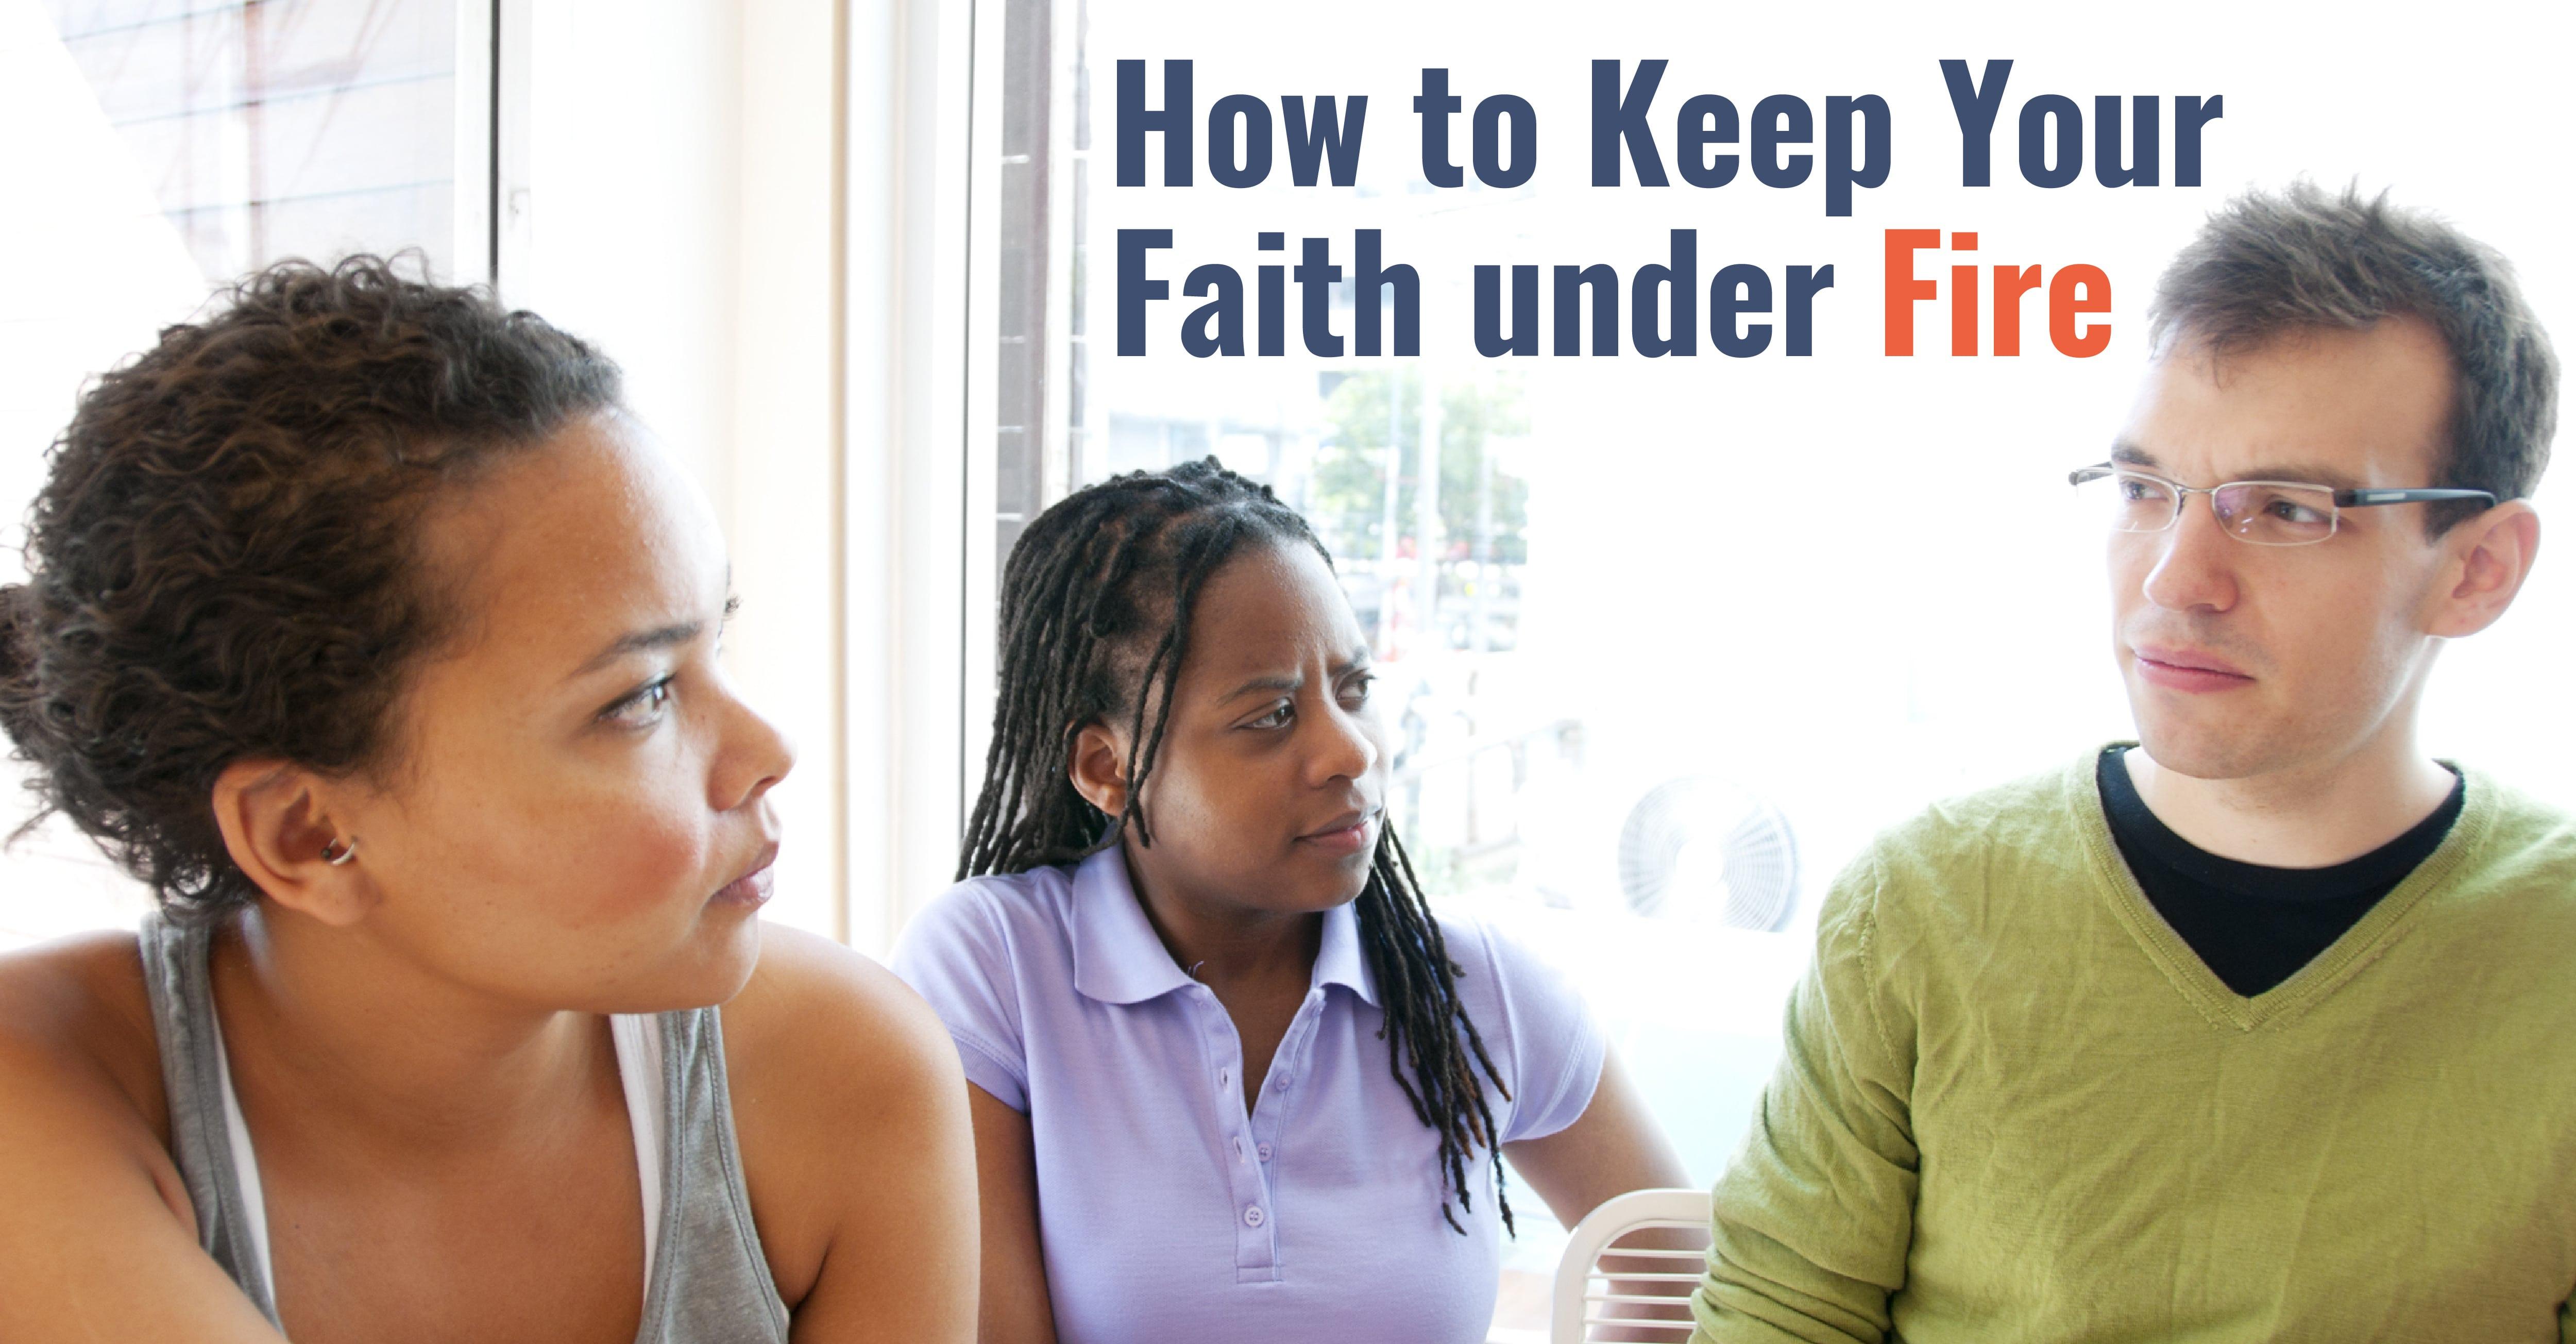 How to Keep Your Faith Under Fire